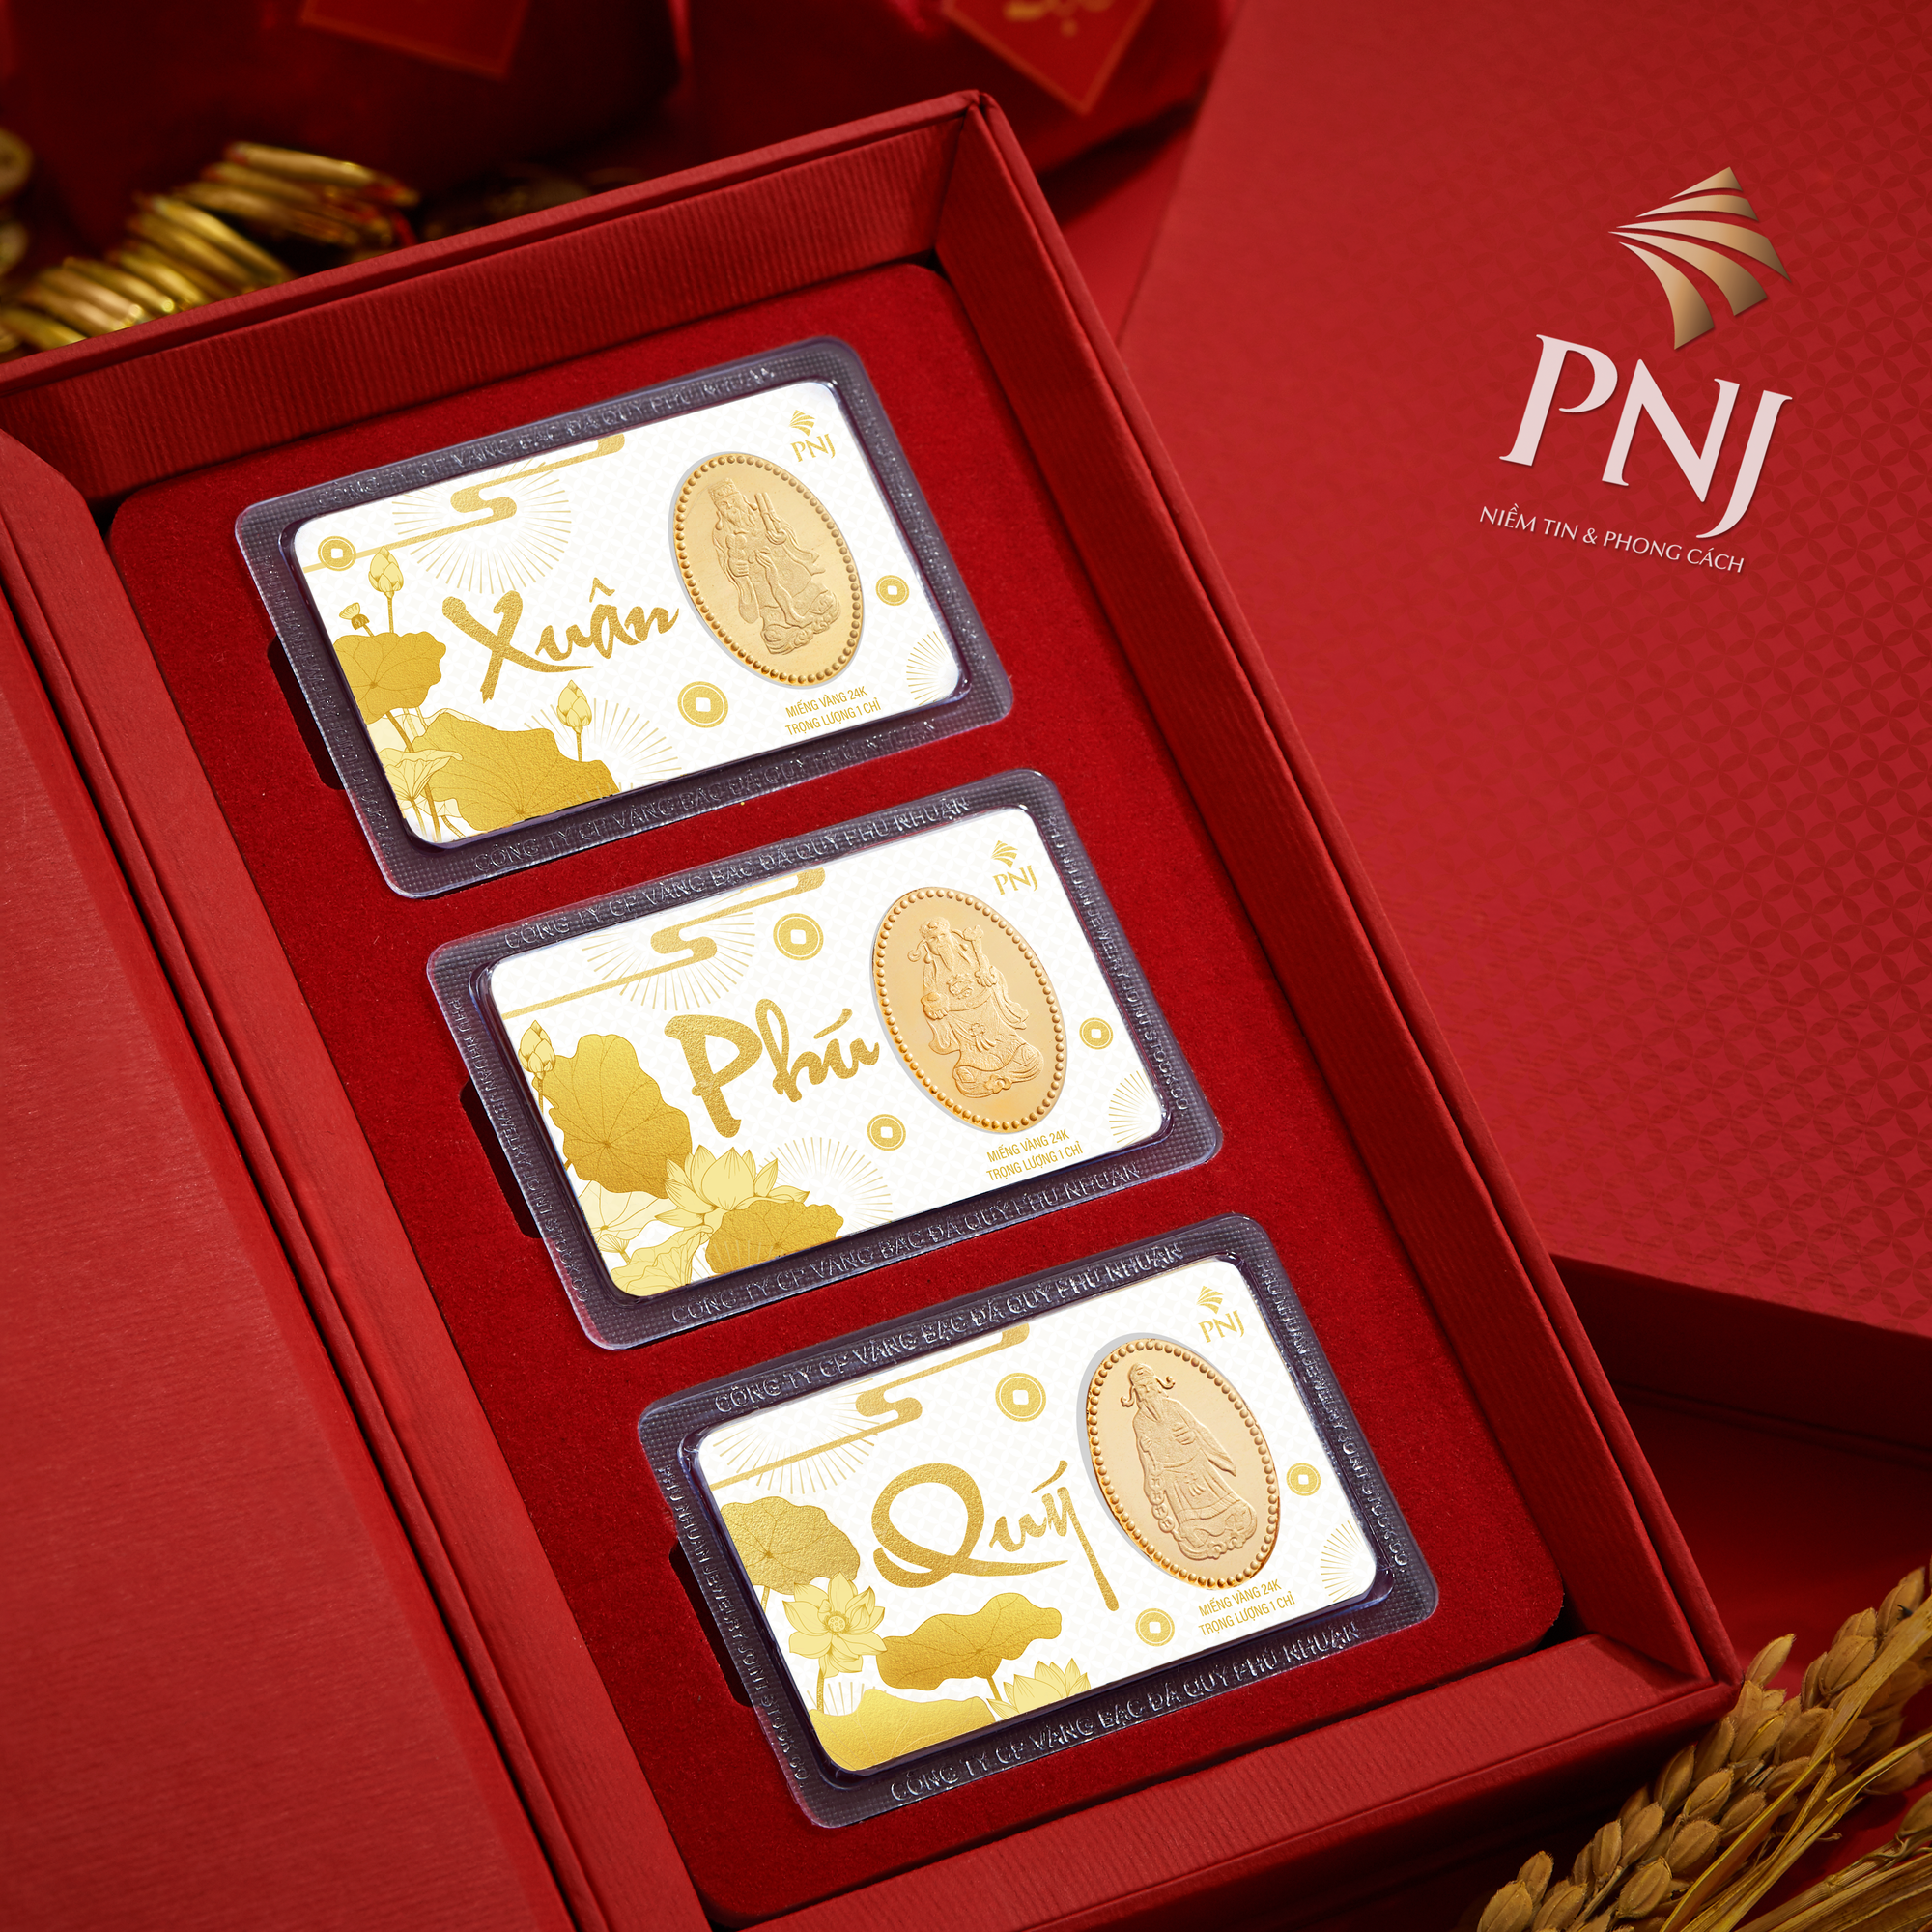 Giá vàng hôm nay 9/2: Tăng vọt, vàng trong nước vượt mức 57 triệu đồng/lượng - Ảnh 1.